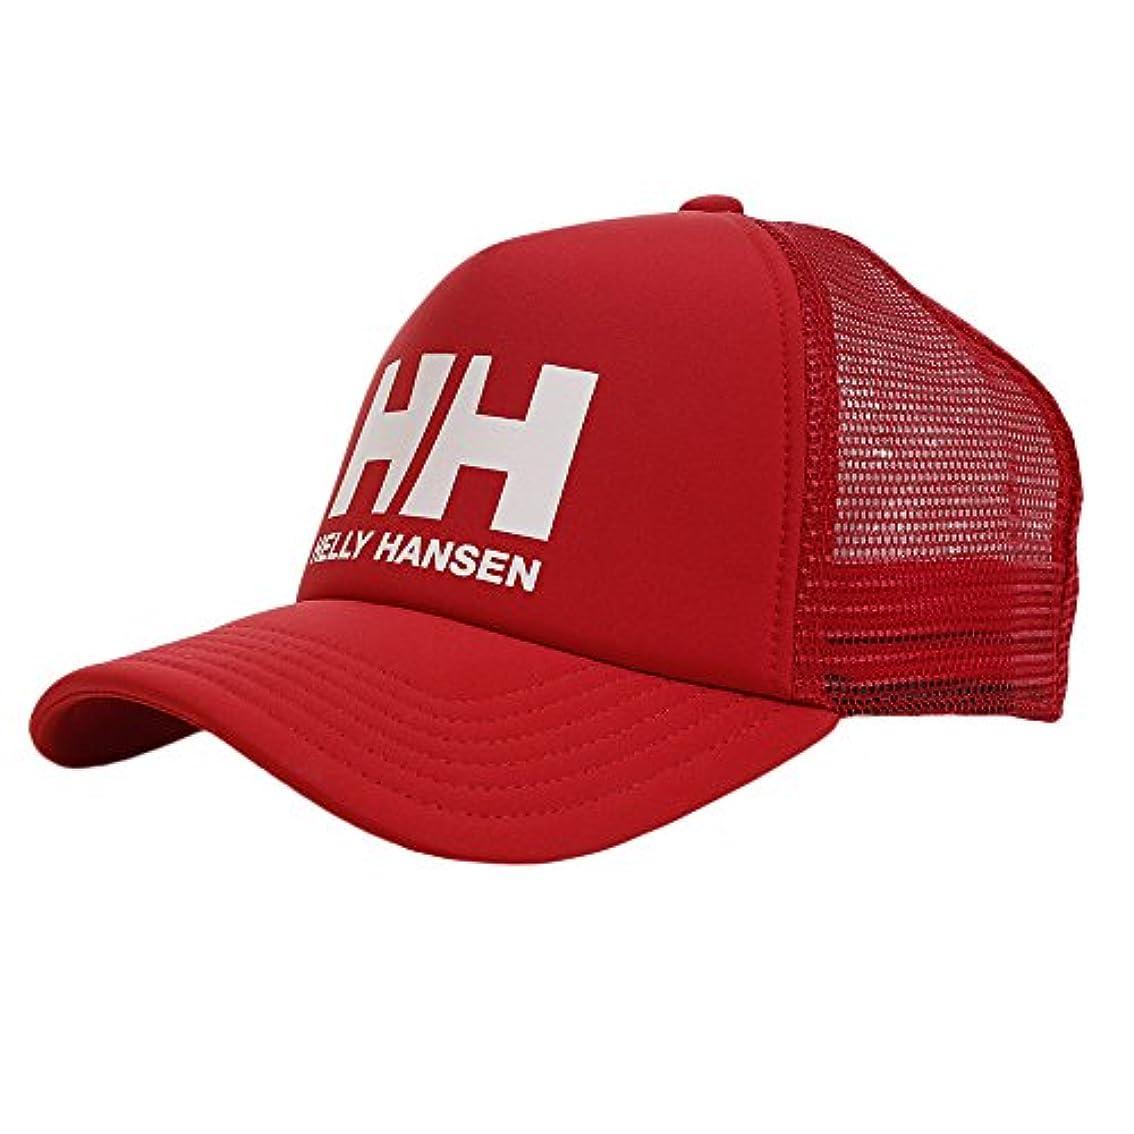 練習した知っているに立ち寄る挨拶するHELLY HANSEN(ヘリーハンセン) ロゴメッシュキャップ ユニセックス 男女兼用 Logo Mesh Cap